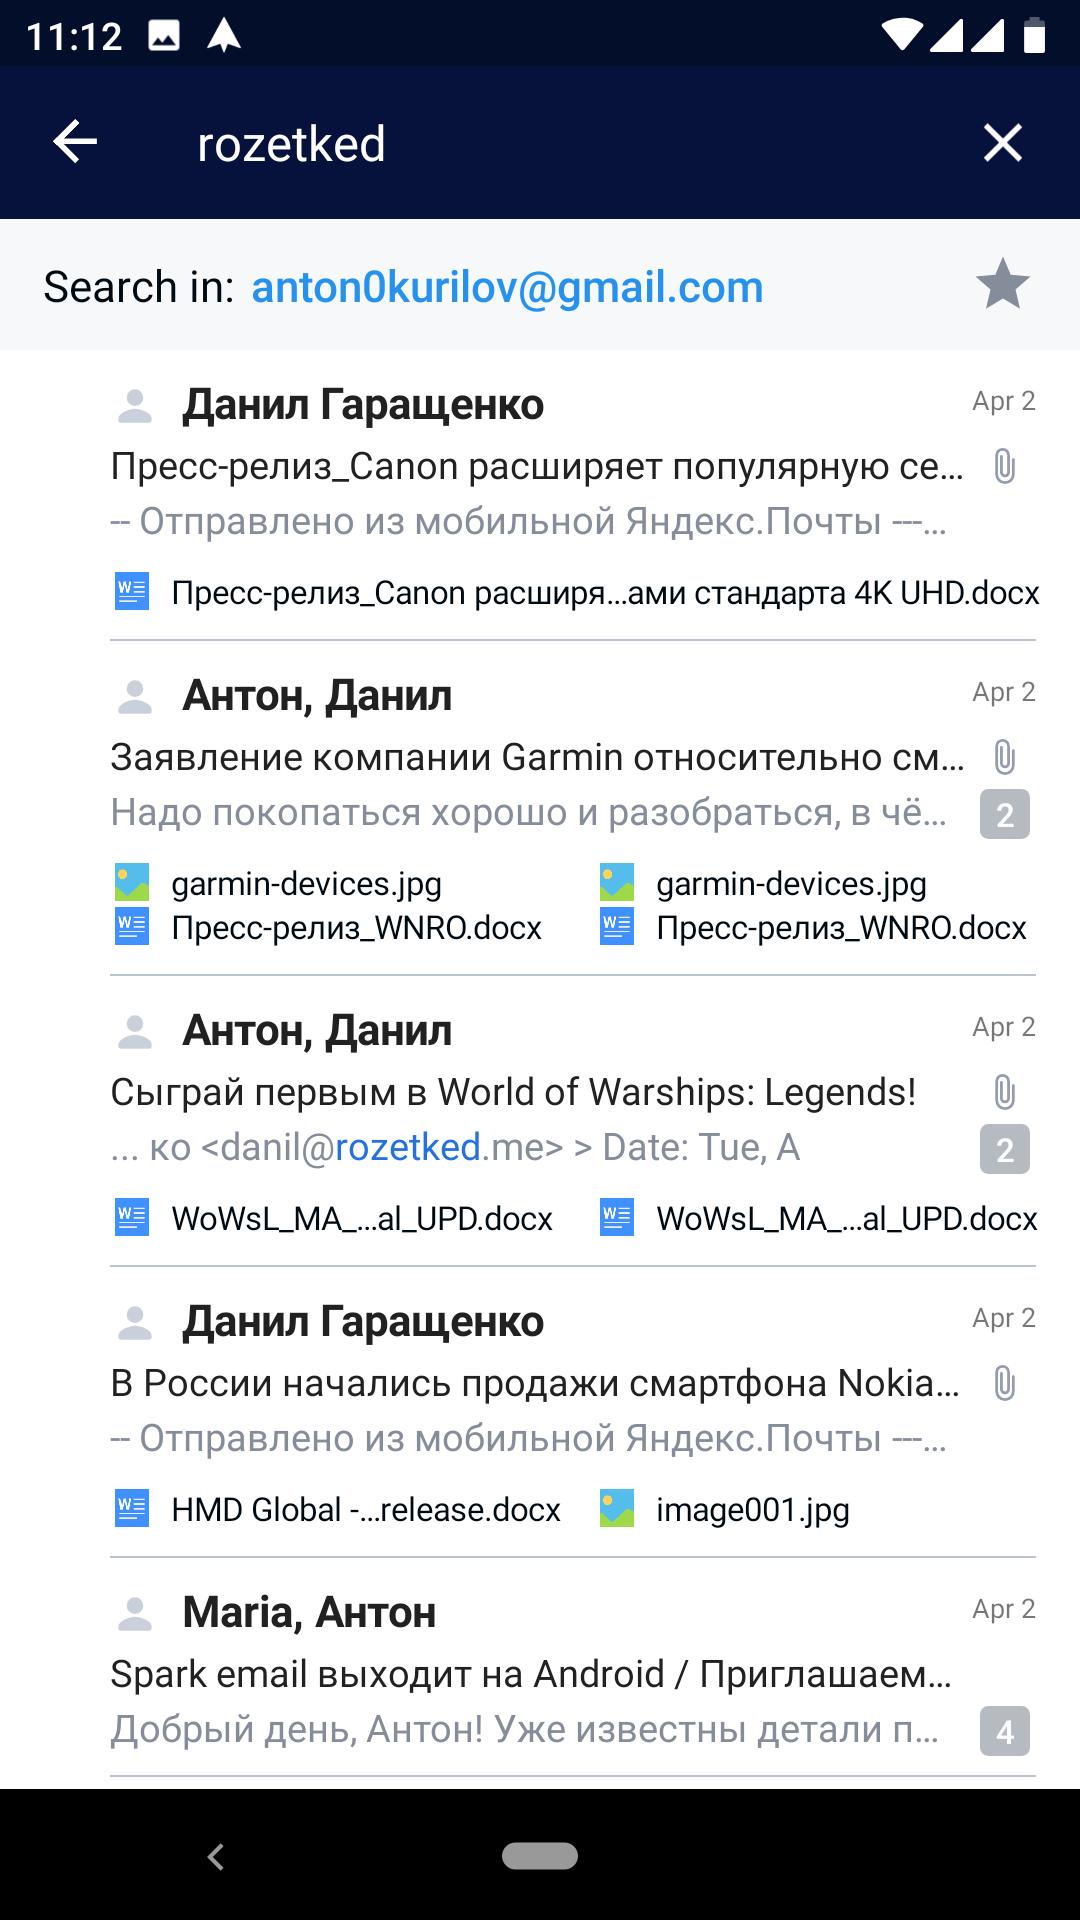 Spark для Android: достойная замена Google Inbox?10